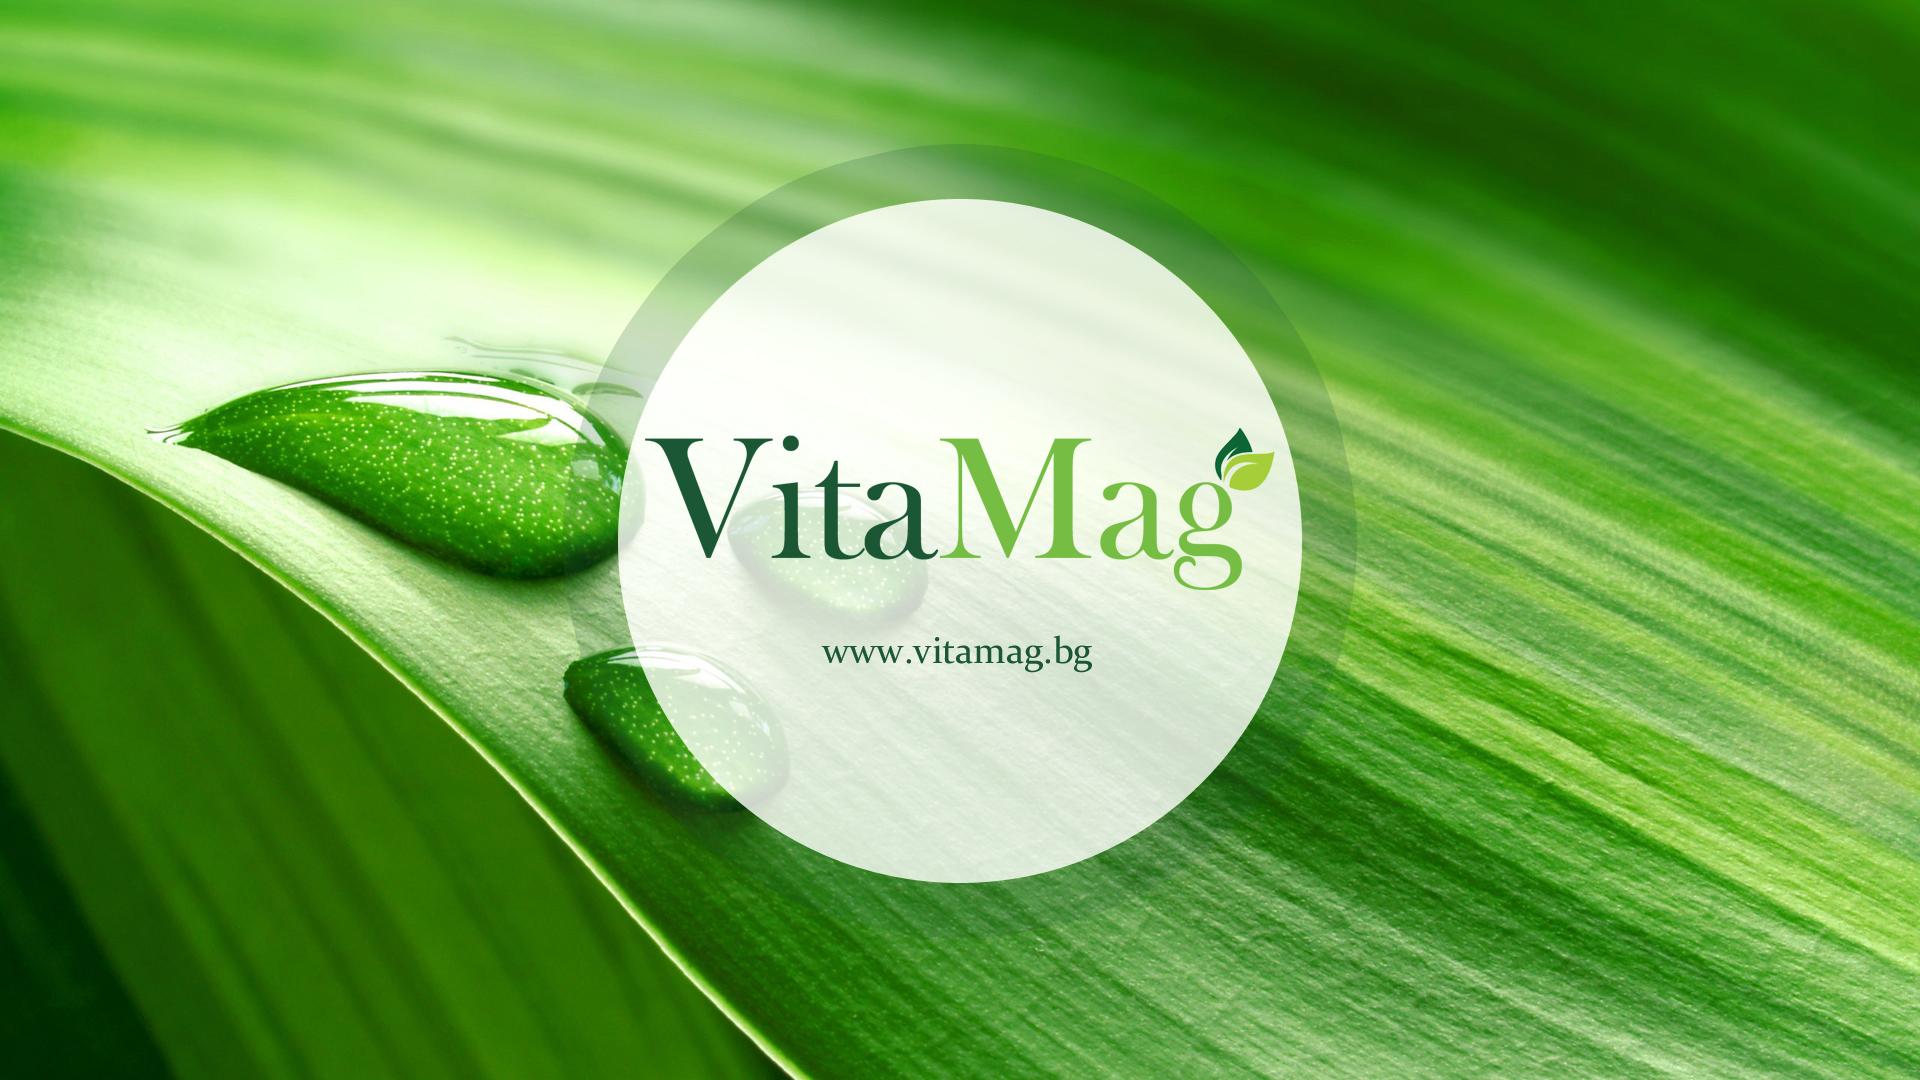 VitaMag - Уебсайт за хранителни добавки и витамини